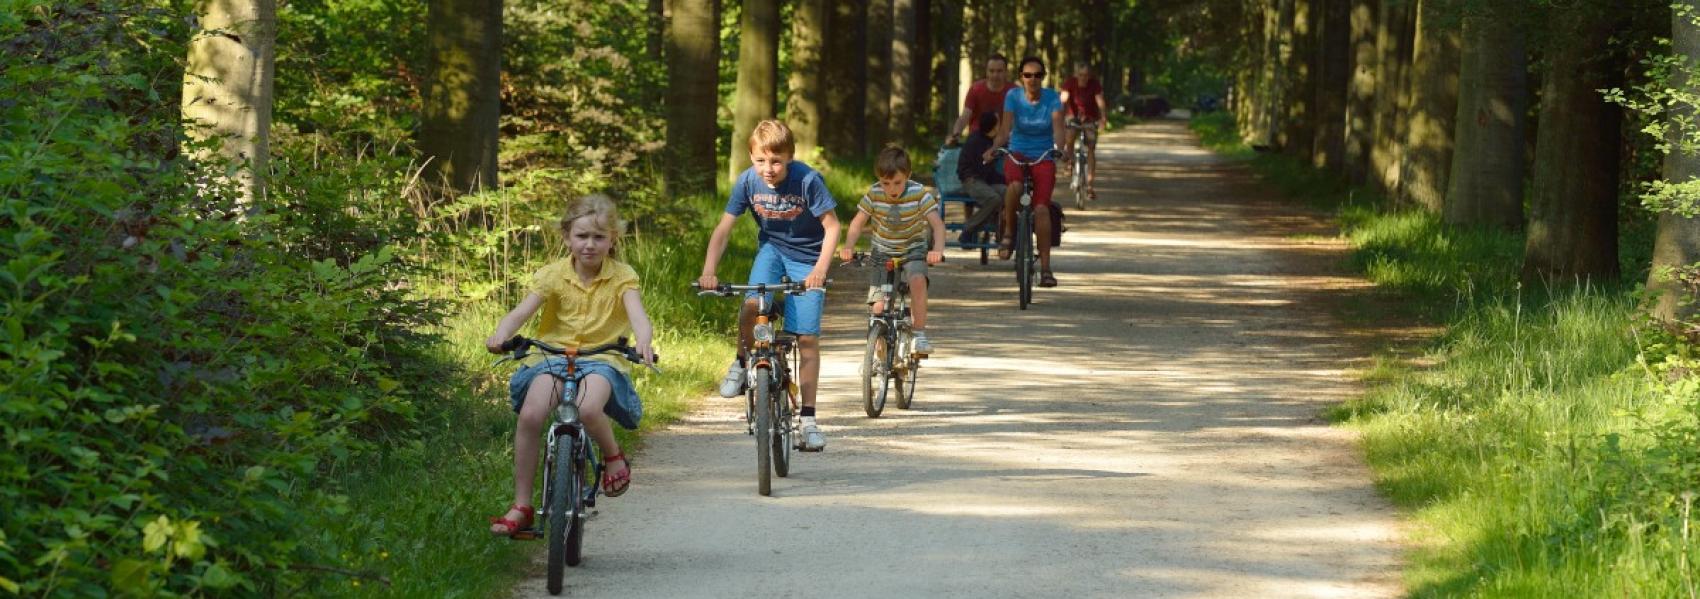 groepje fietsers in het bos